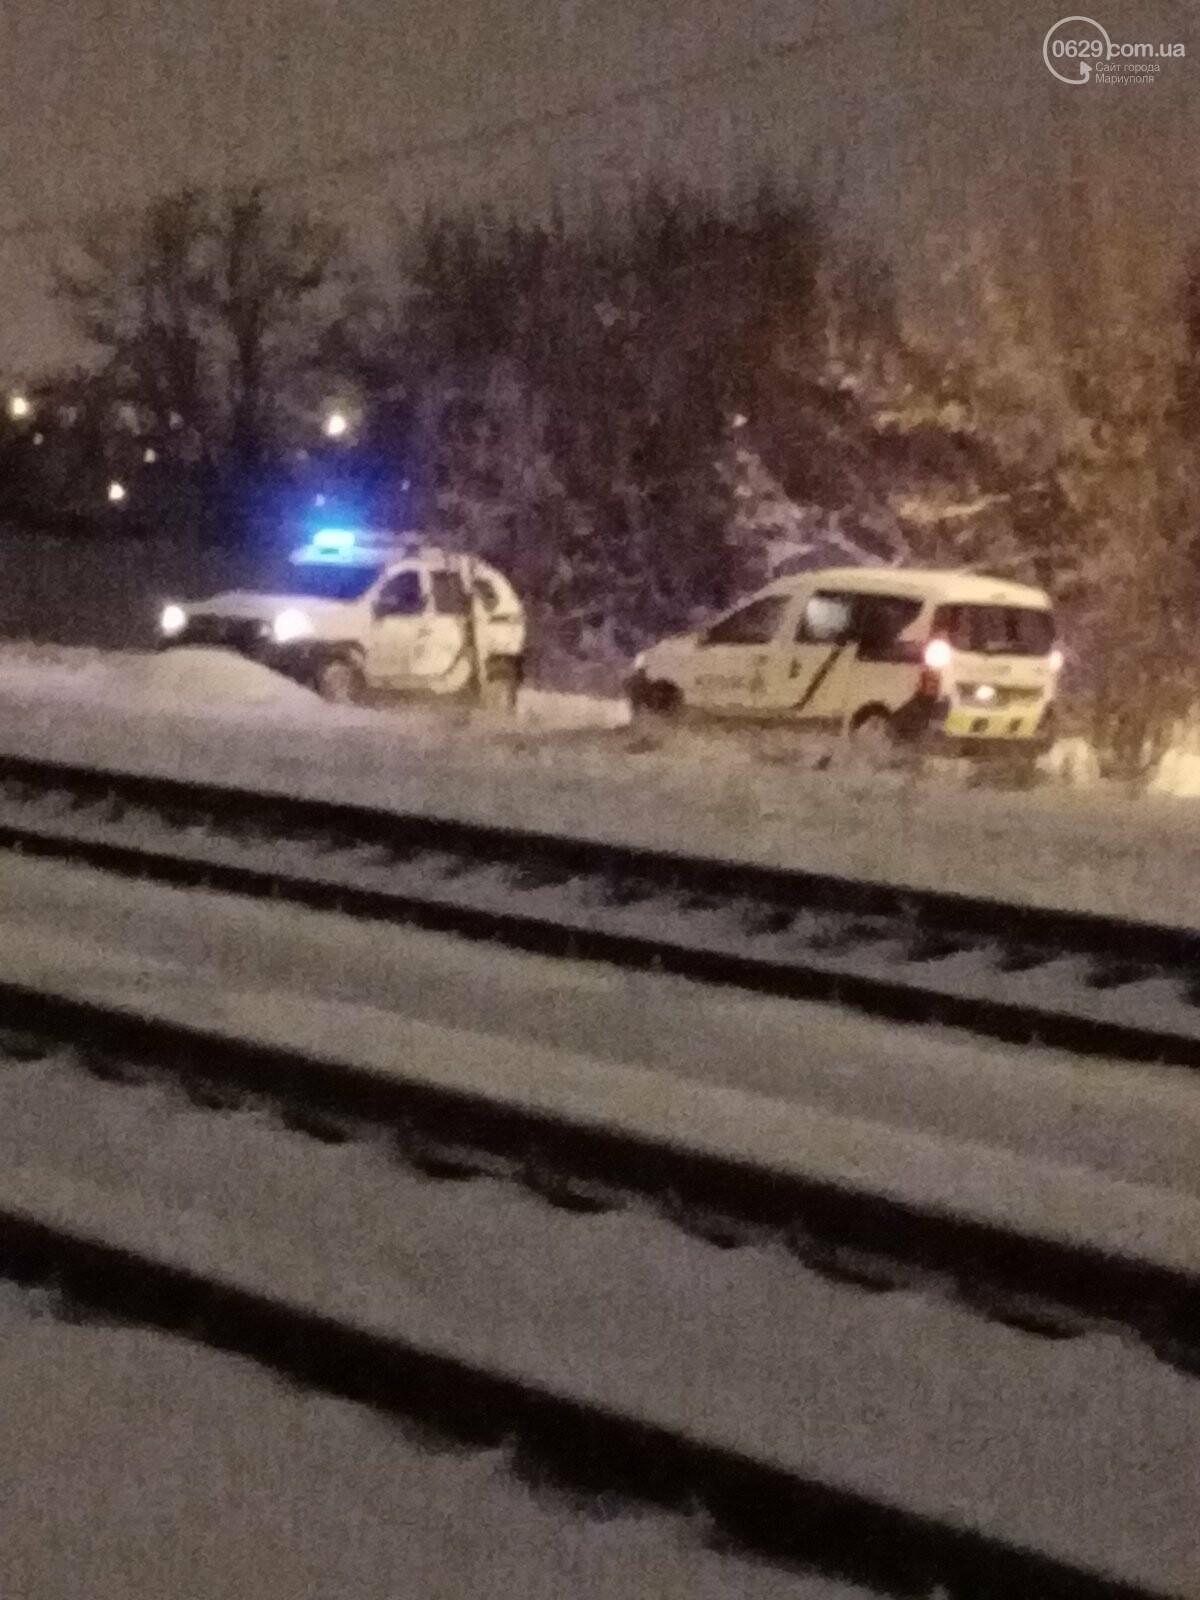 В Мариуполе поезд насмерть сбил человека, - ФОТО, фото-1